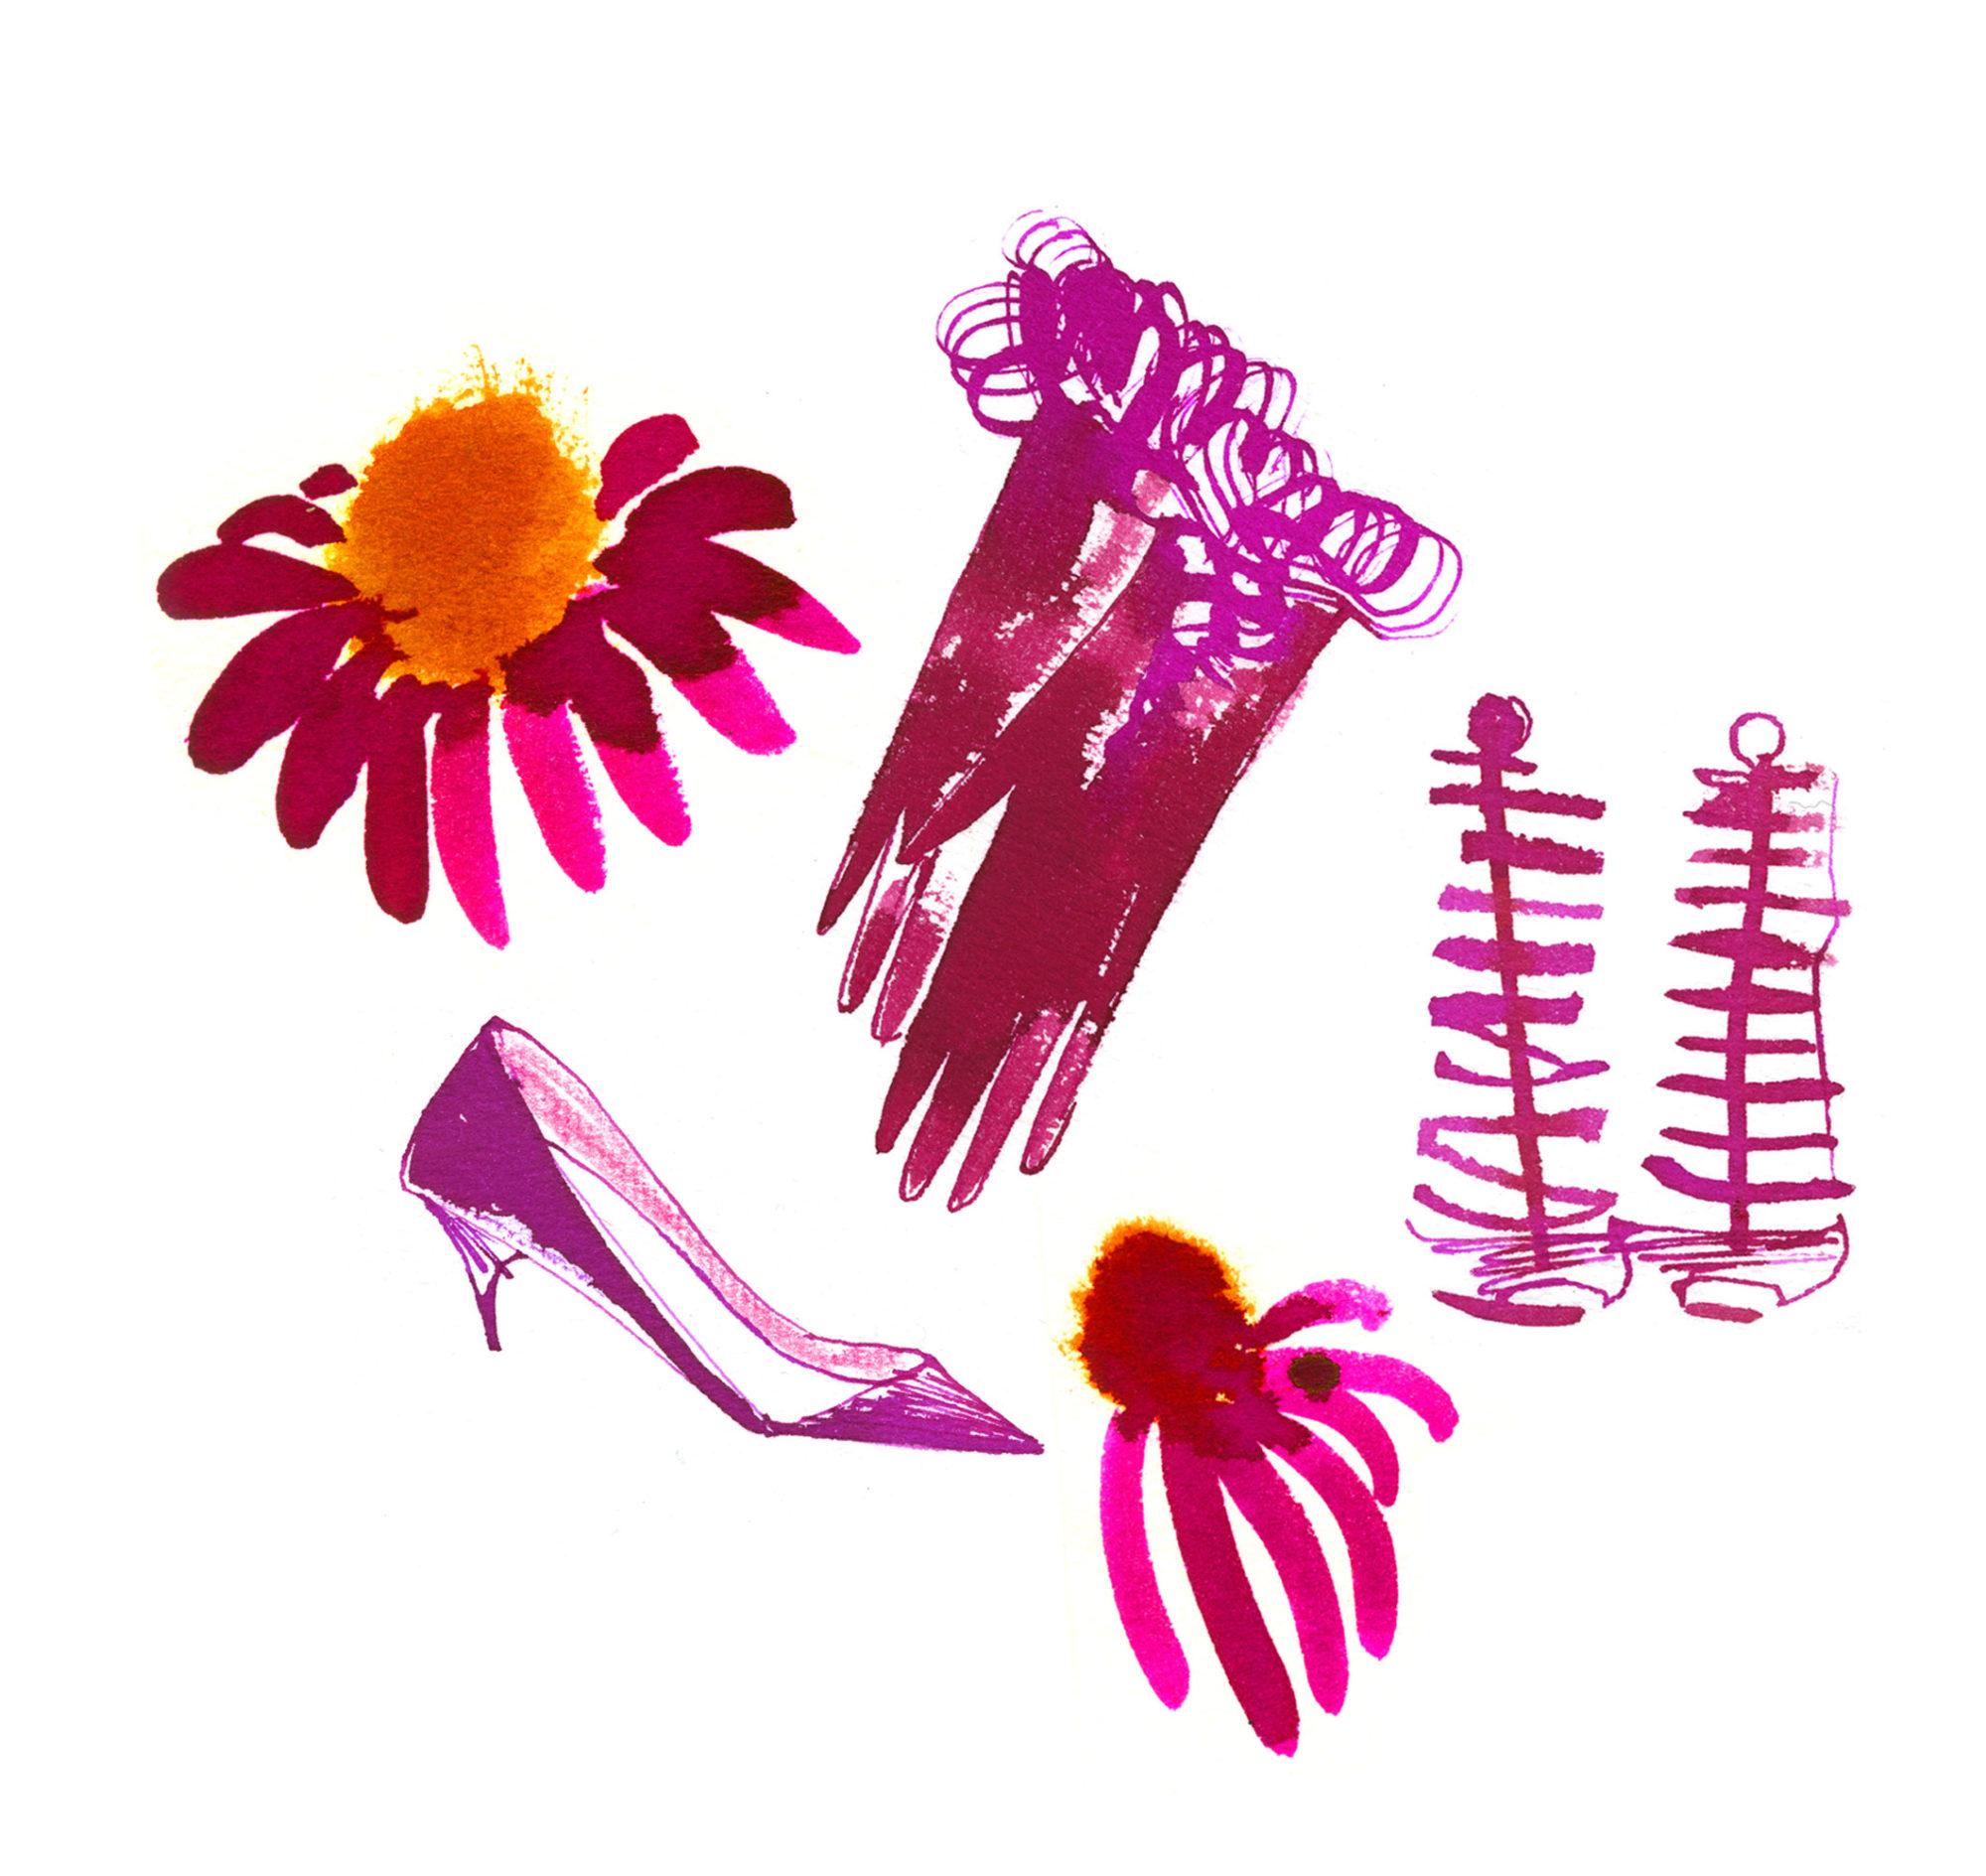 Lovisa-Burfitt-illustration-Pink-gloves-shoes